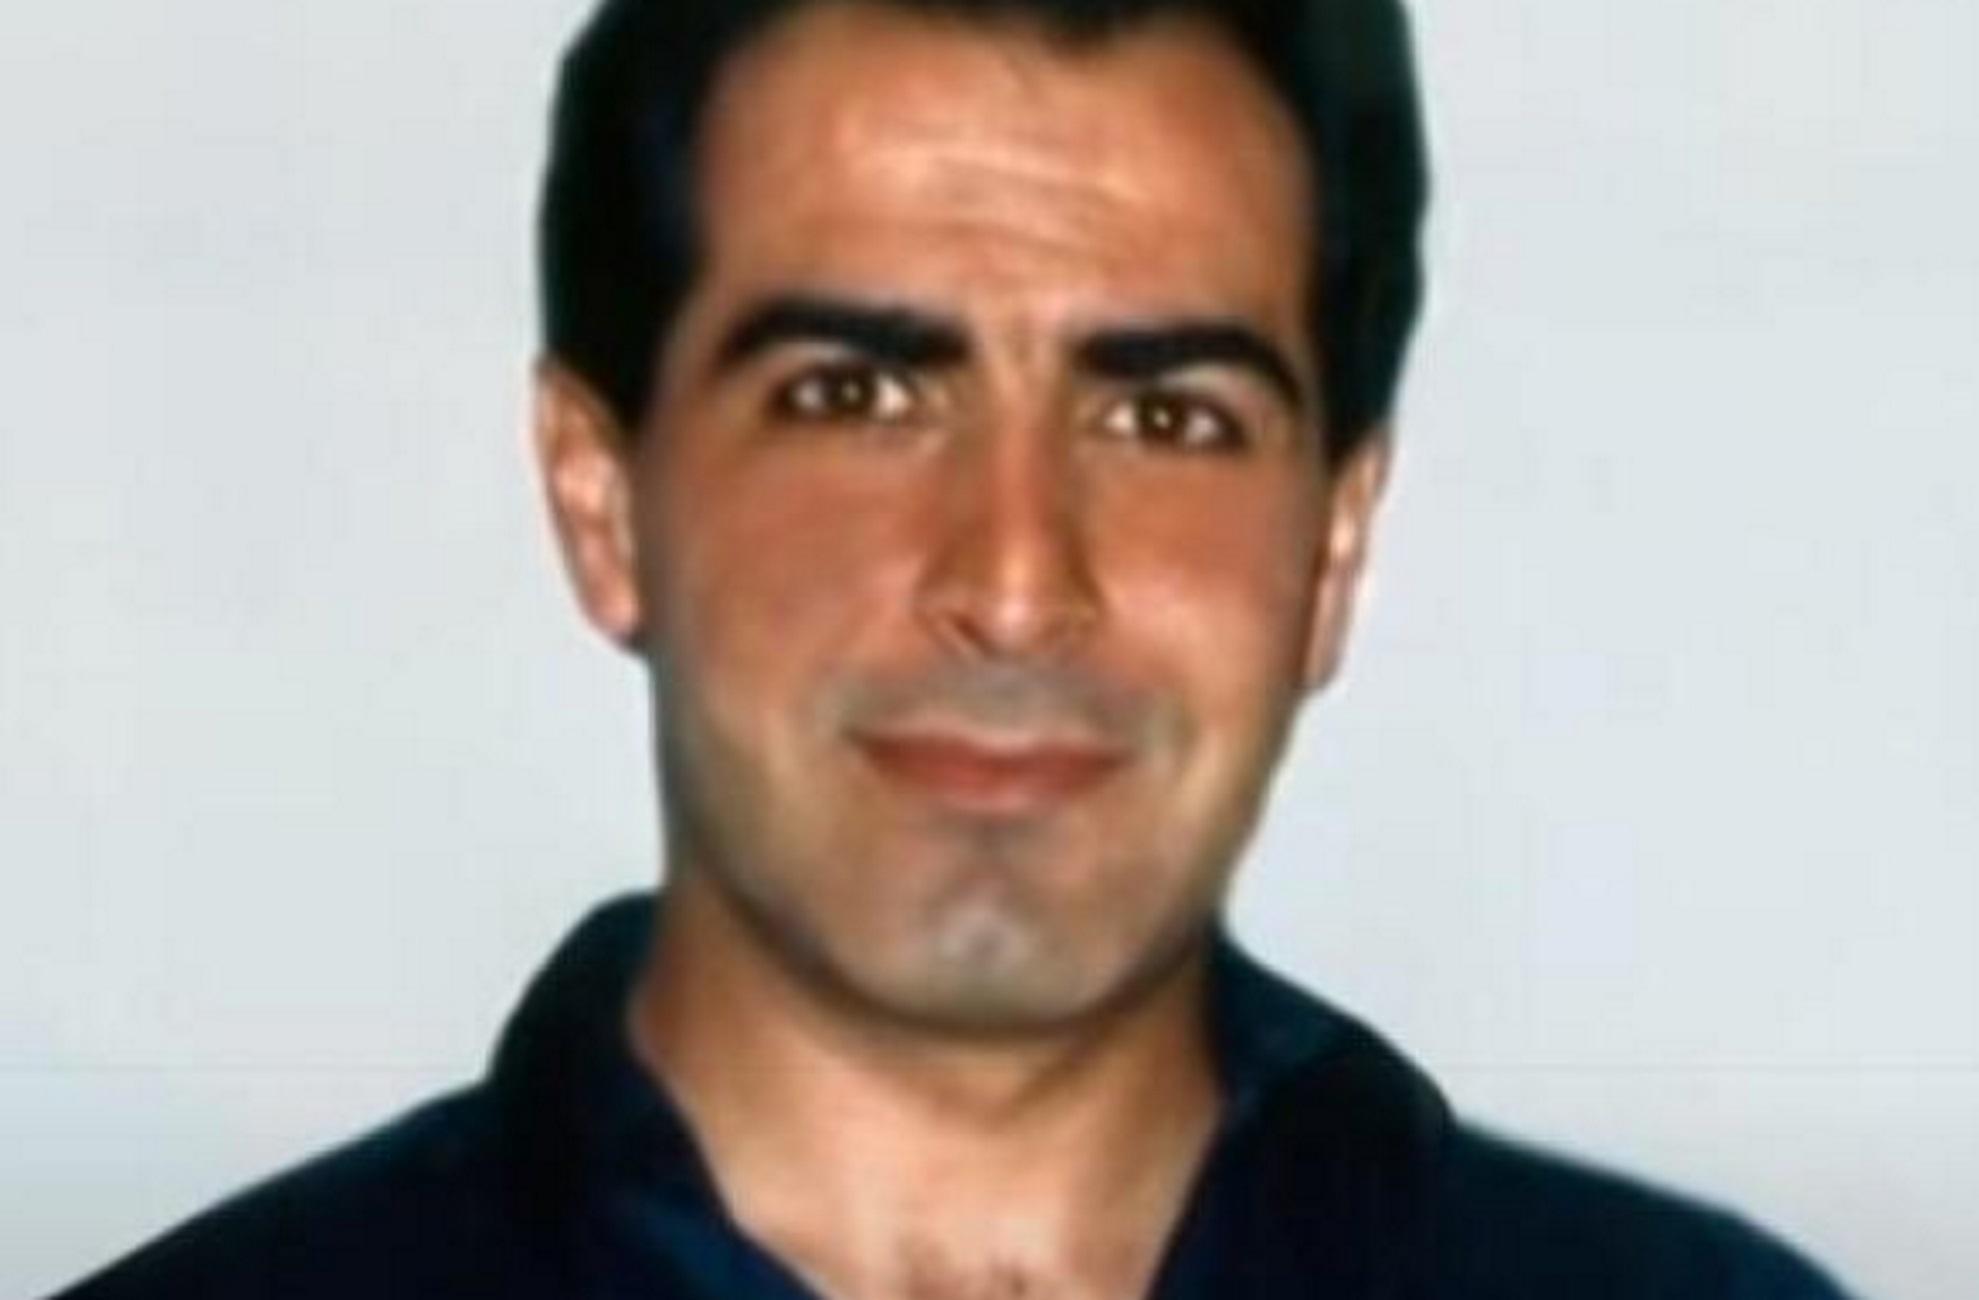 Ηράκλειο: Δηλητηρίασαν και σκότωσαν τον Τηλέμαχο Κακουλίδη – Η μορφίνη τον έστειλε στον θάνατο